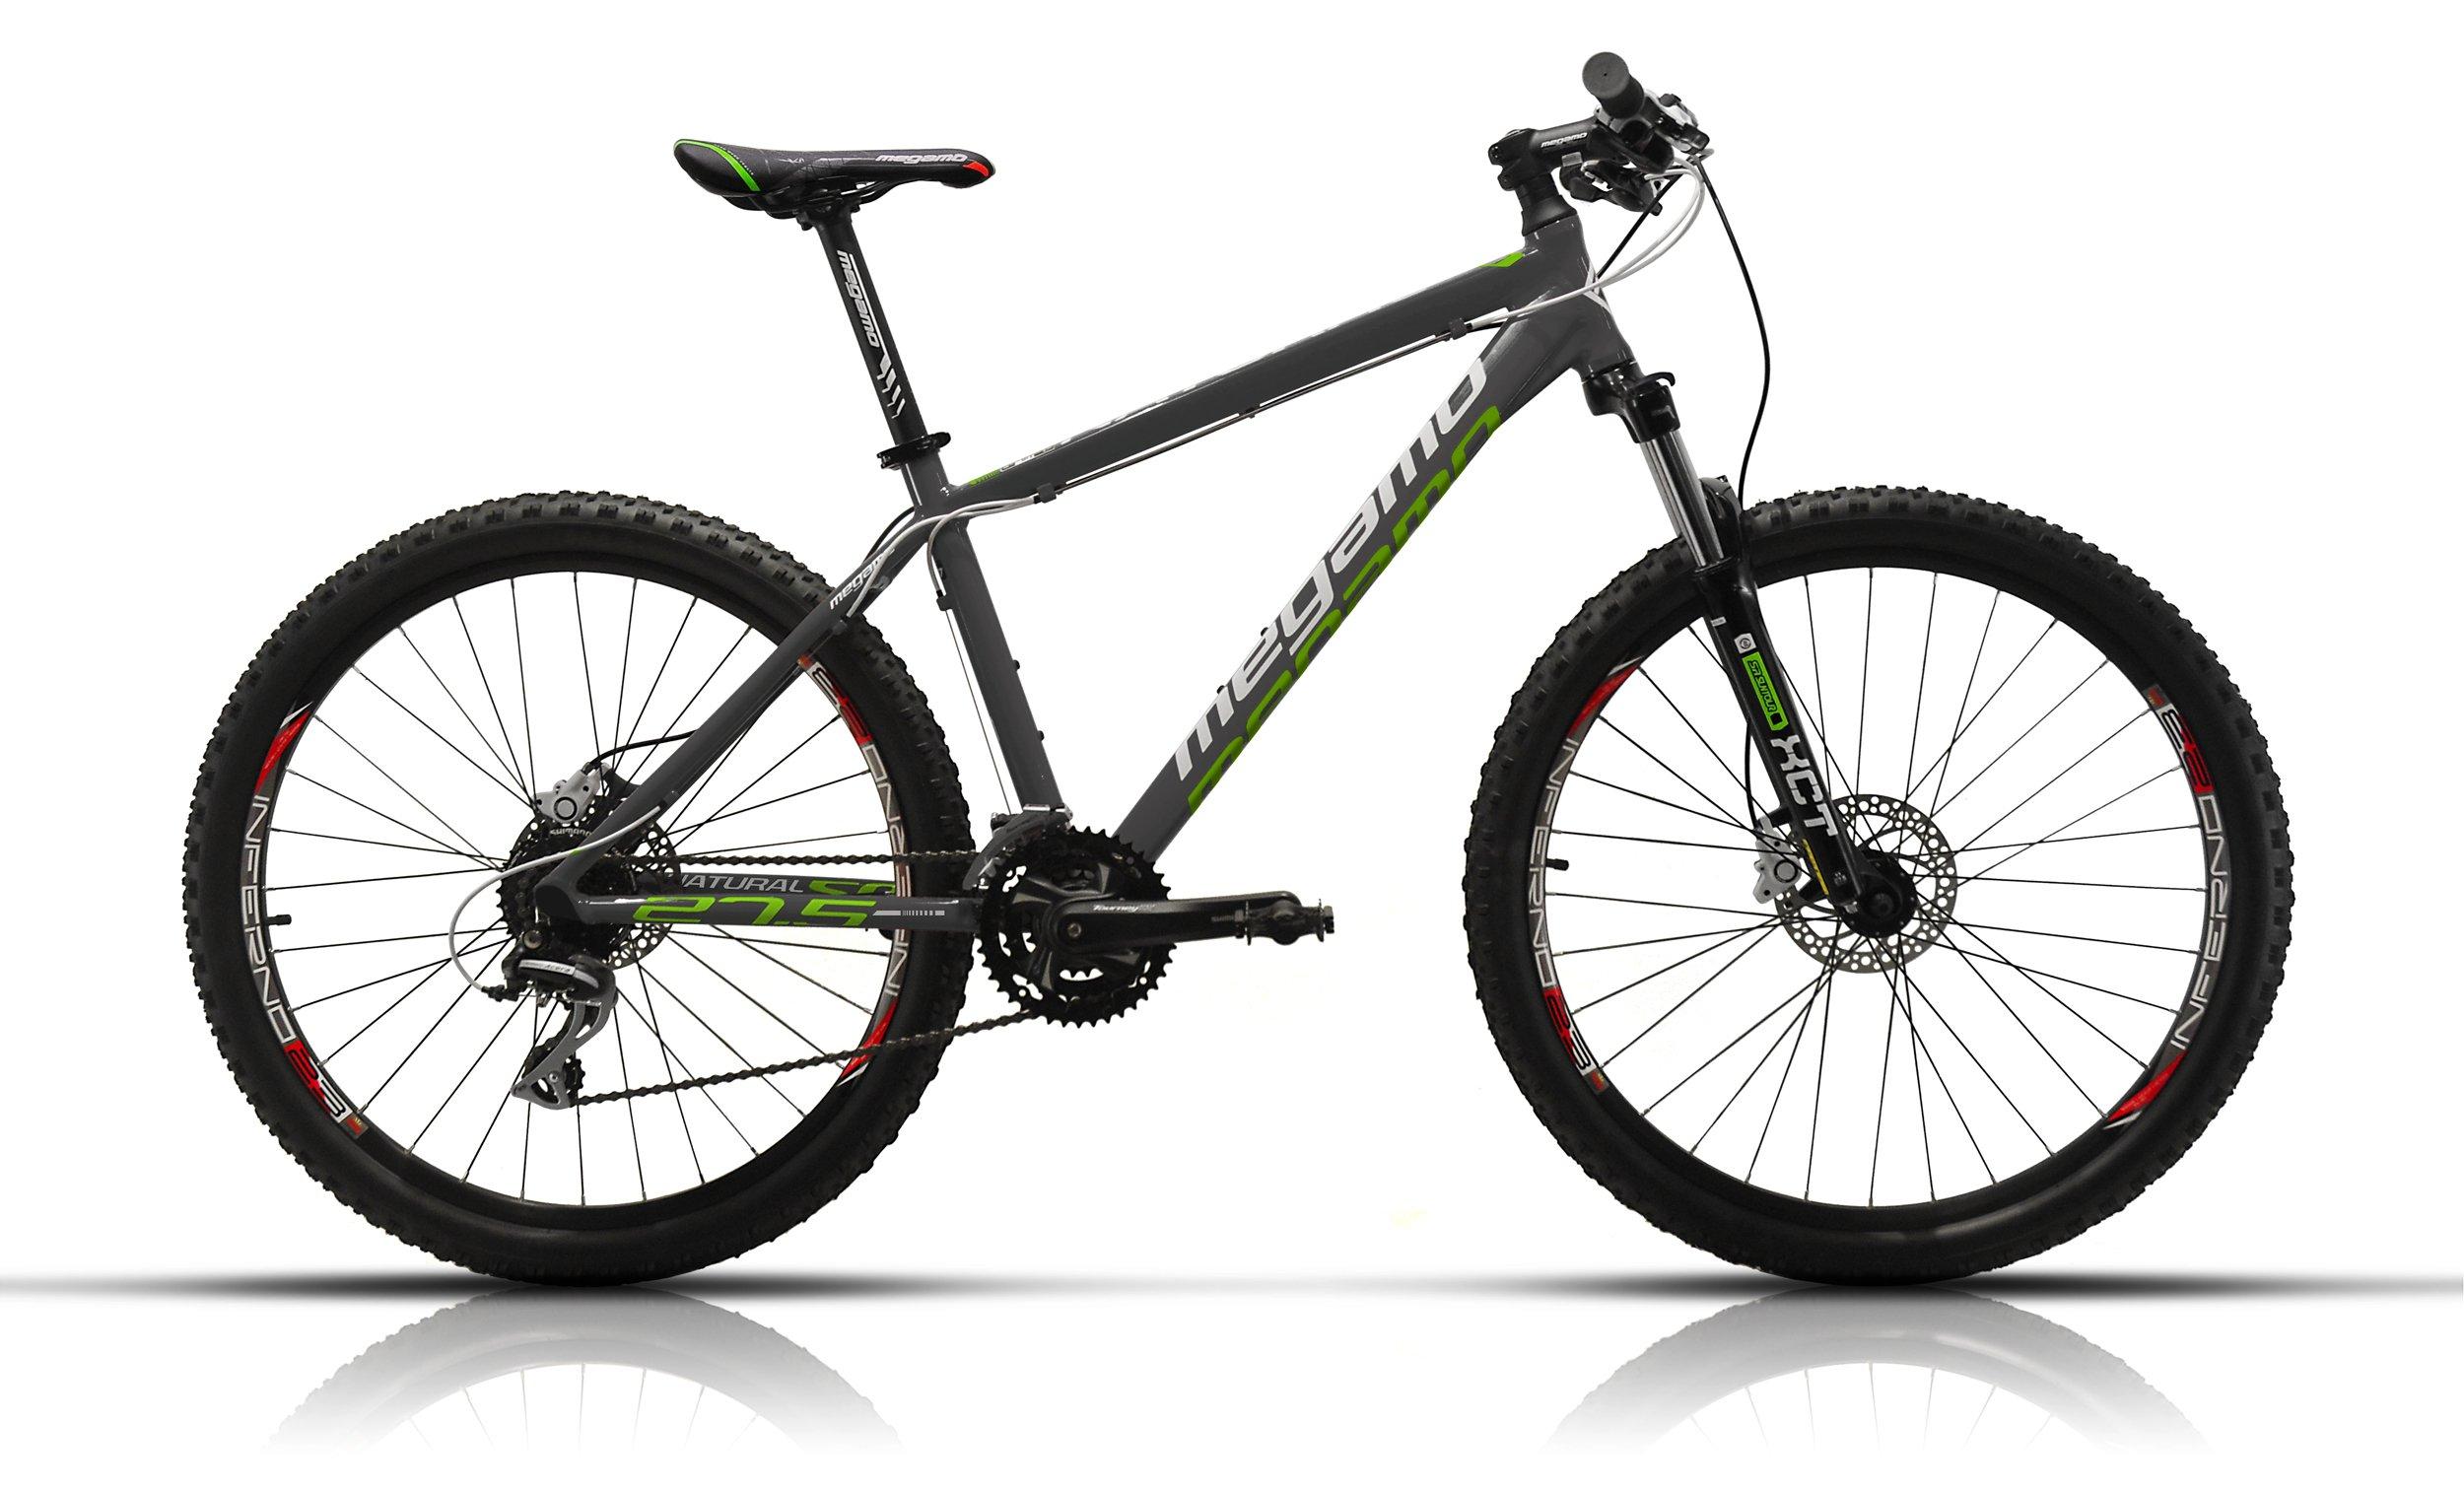 Megamo Natural 50 Bicicleta de Montaña, Hombre, Gris, L: Amazon.es ...